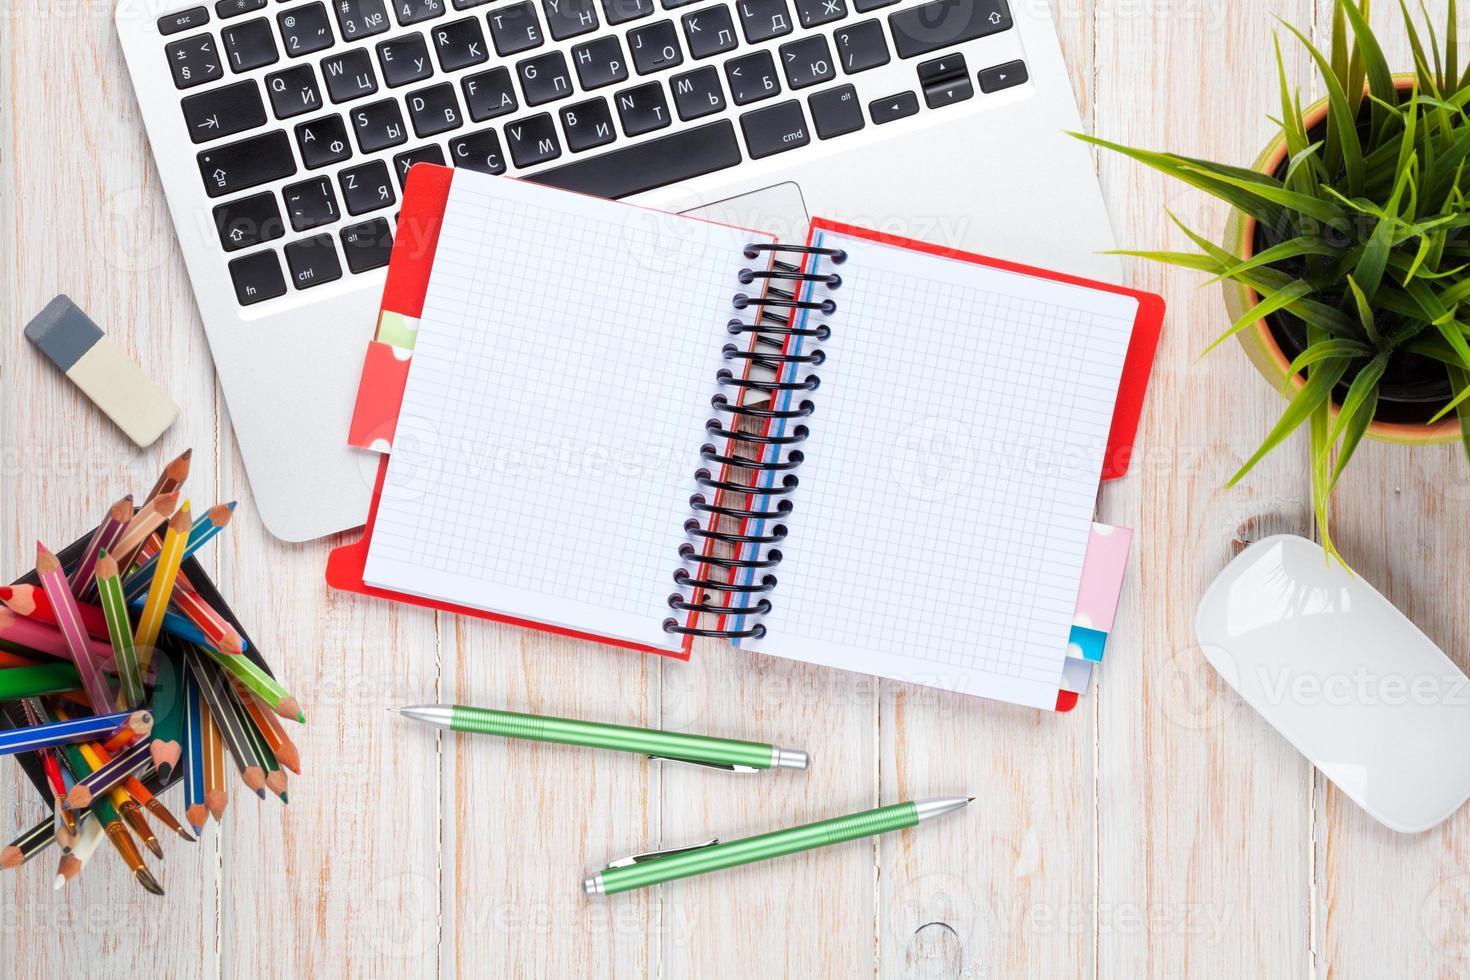 mesa de escritorio de oficina con computadora, suministros y flores foto